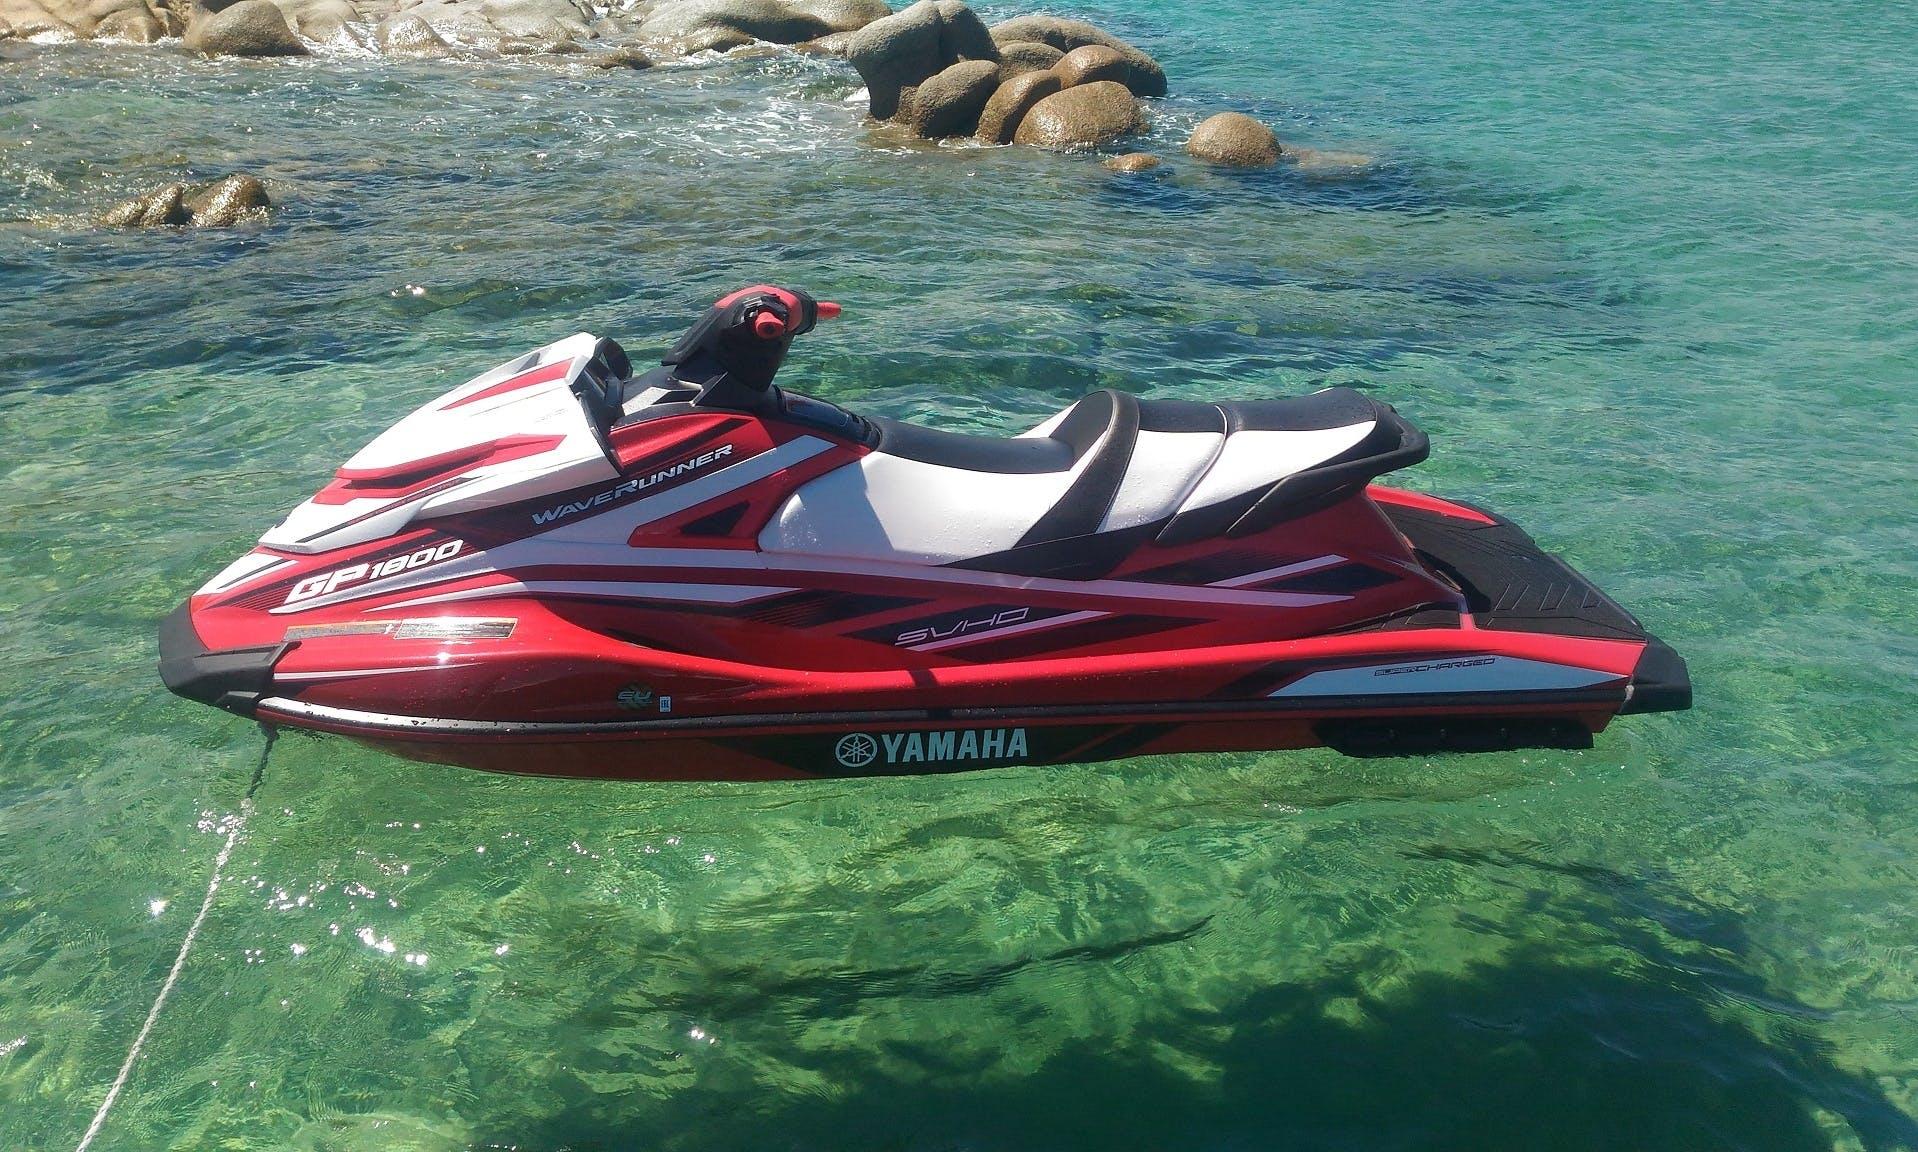 Jet Ski  YAMAHA GP1800 rental in Liscia di Vacca - Porto Cervo - Sardinia